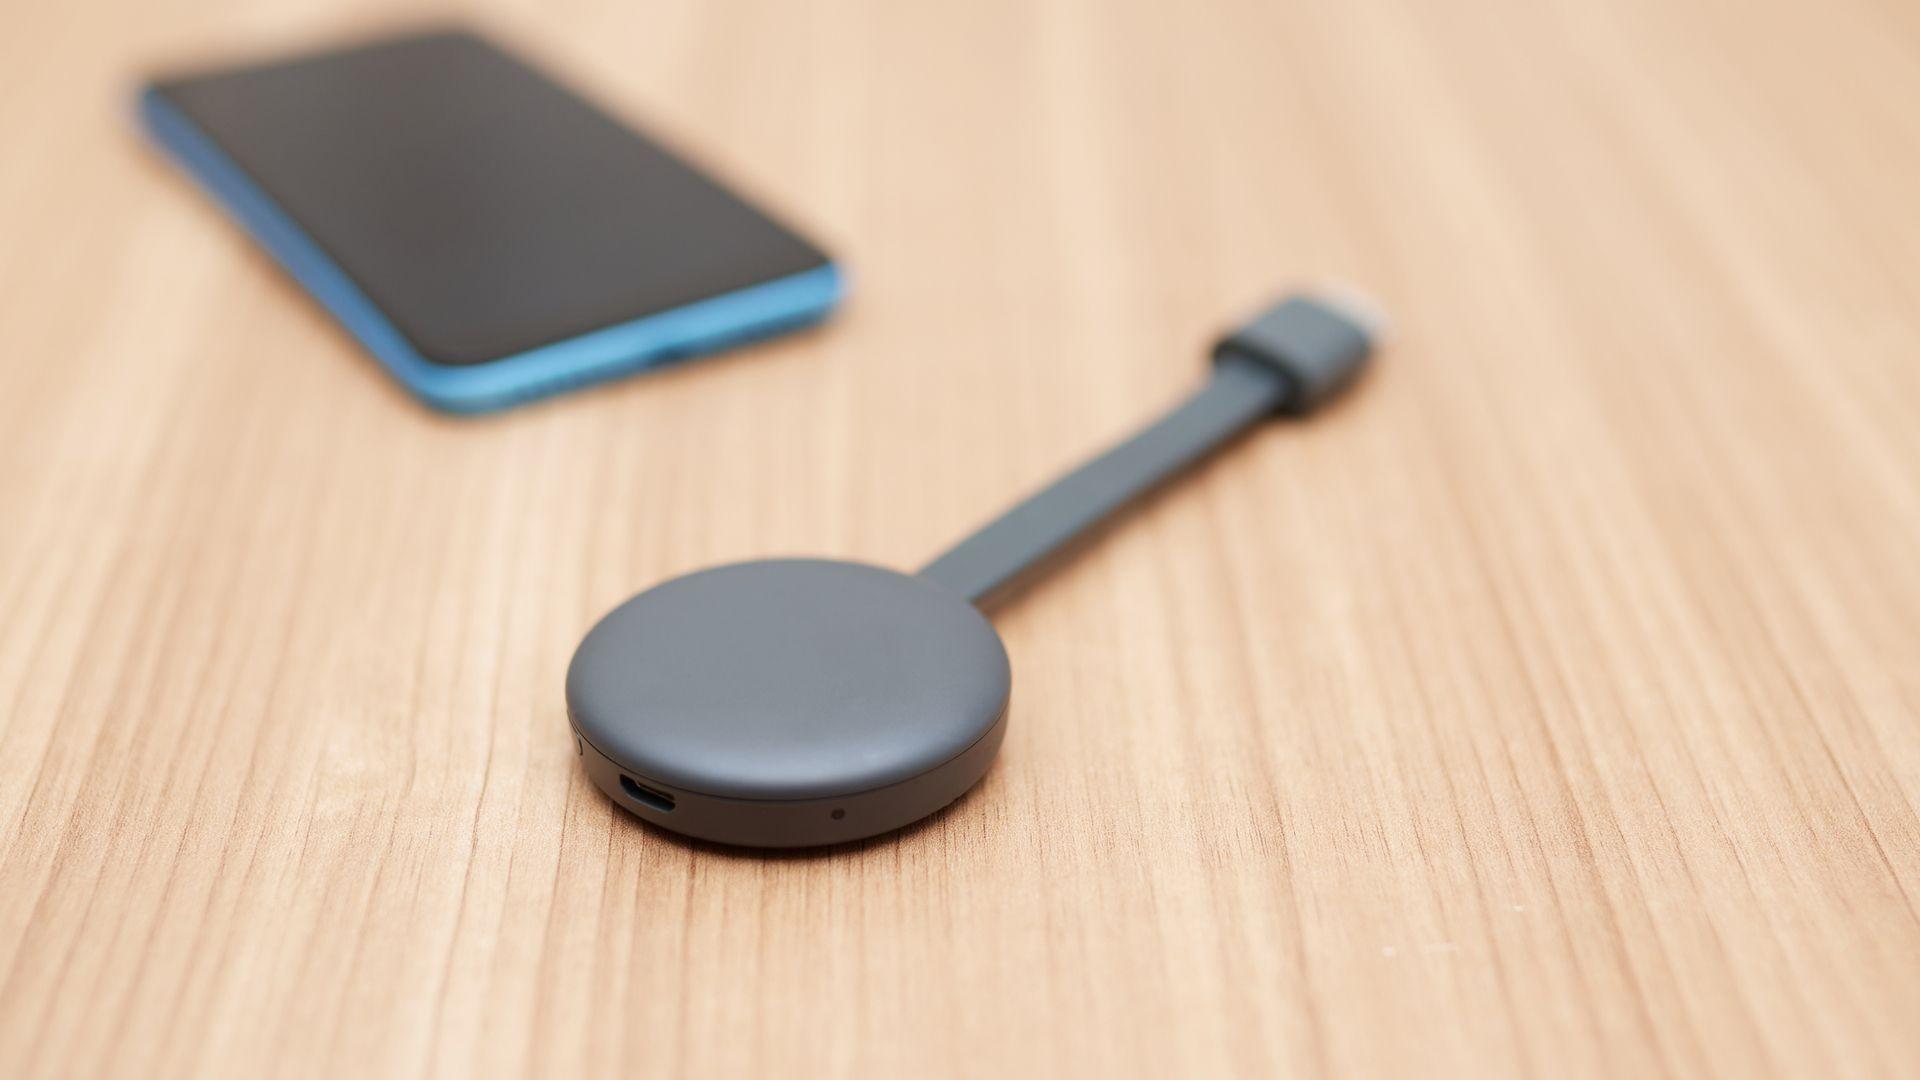 Chromecast 3, dongle do Google para transformar TV comum em smart. (Imagem: Reprodução/Shutterstock)